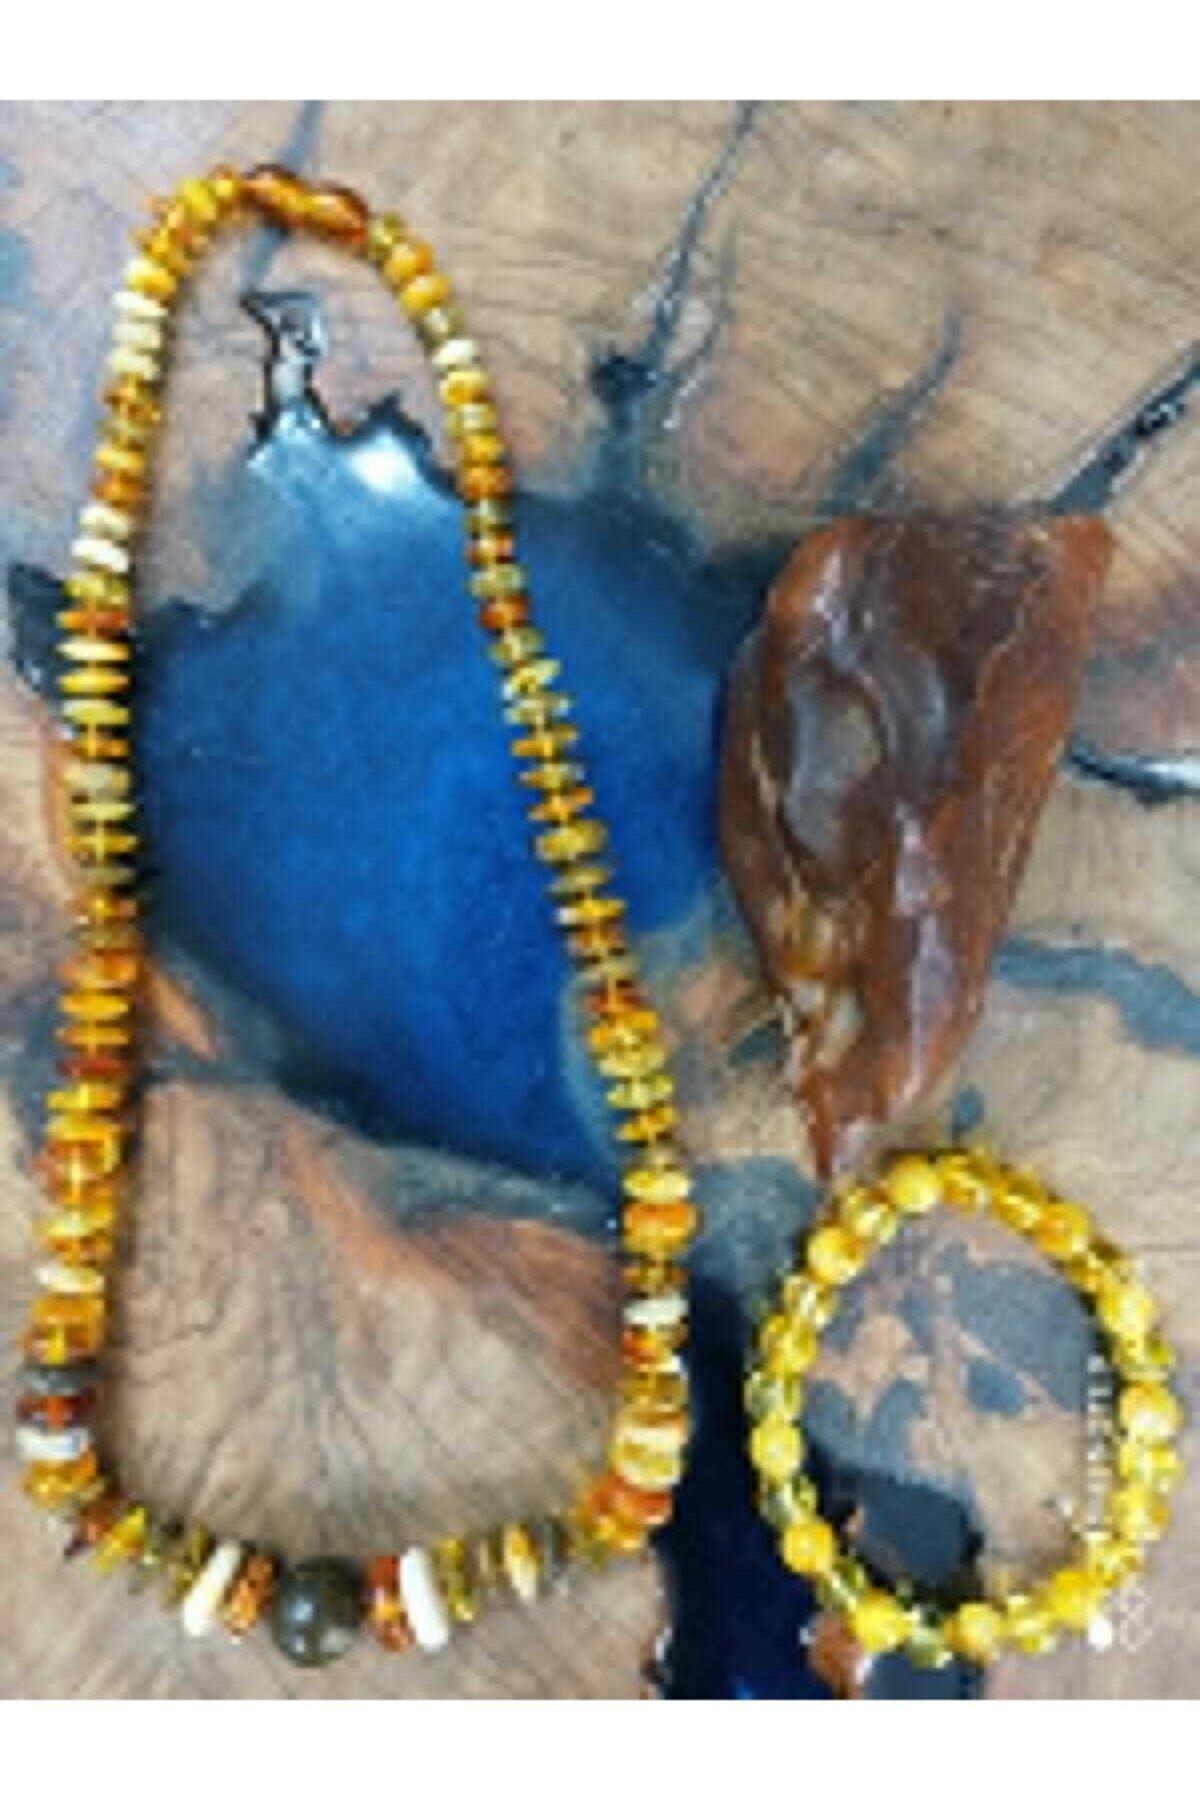 مجوهرات الأزياء النسائية الطبيعية البلطيق قطرة العنبر (العنبر) قلادة سوار مجموعات